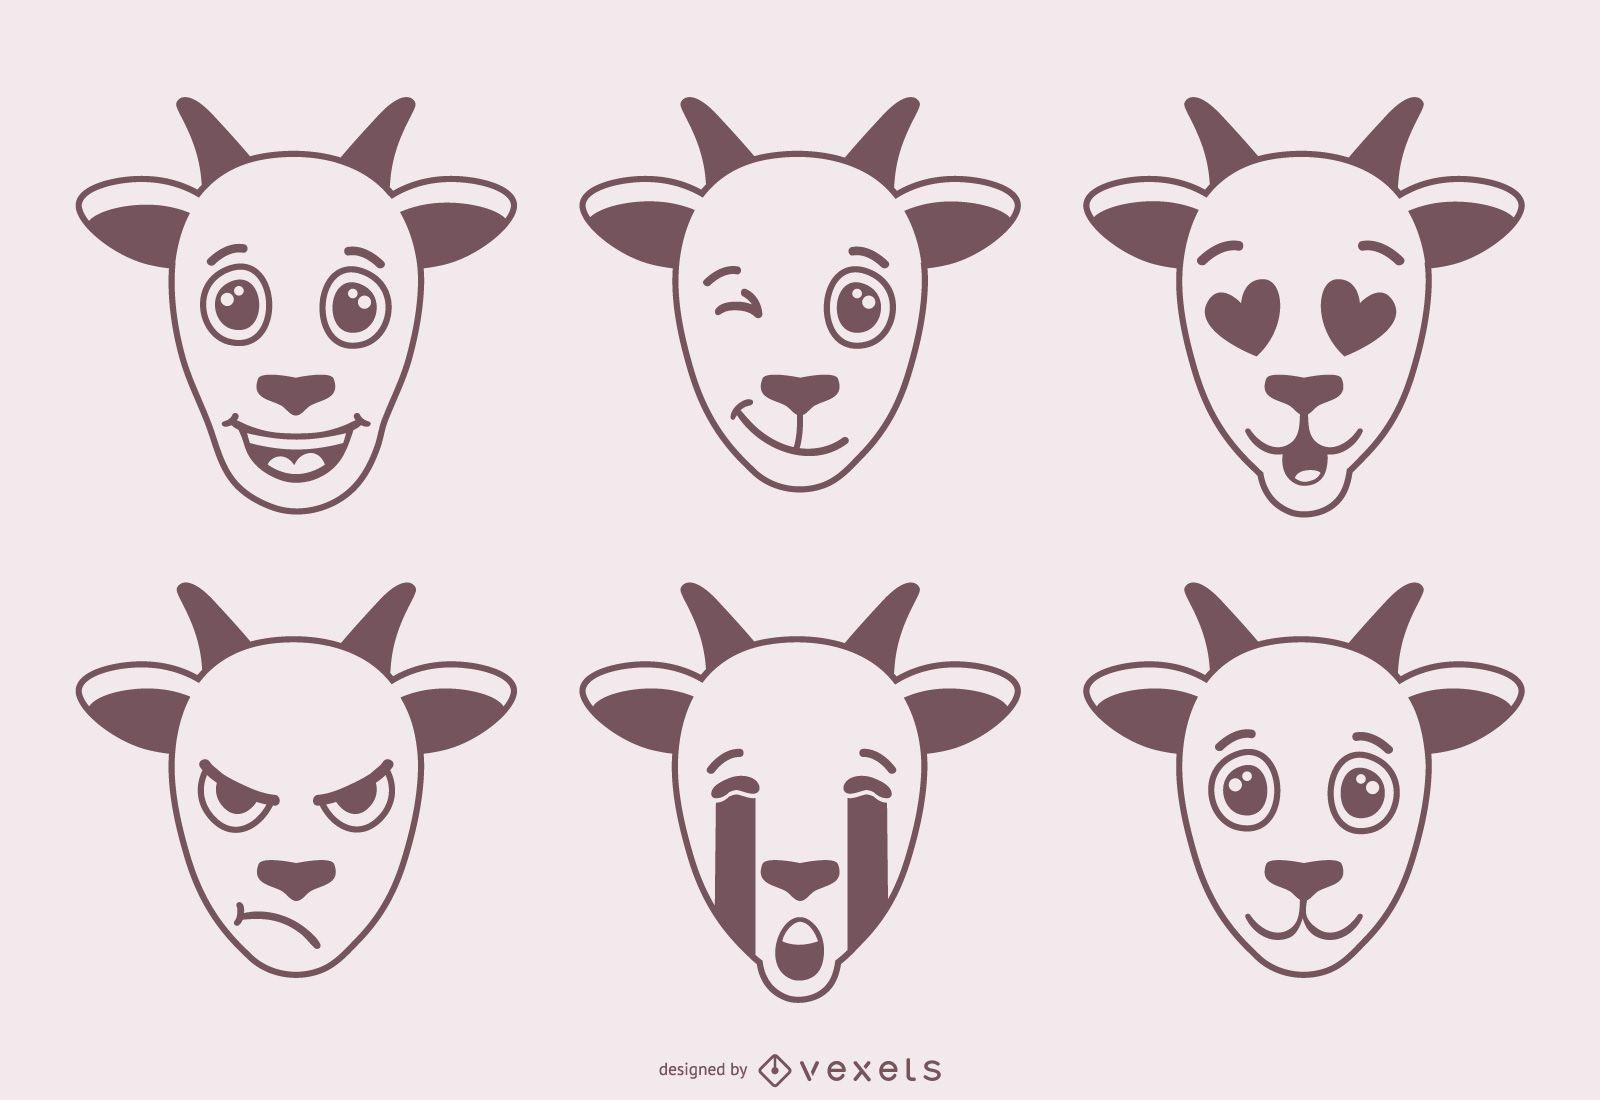 Diseño de emojis de cabra